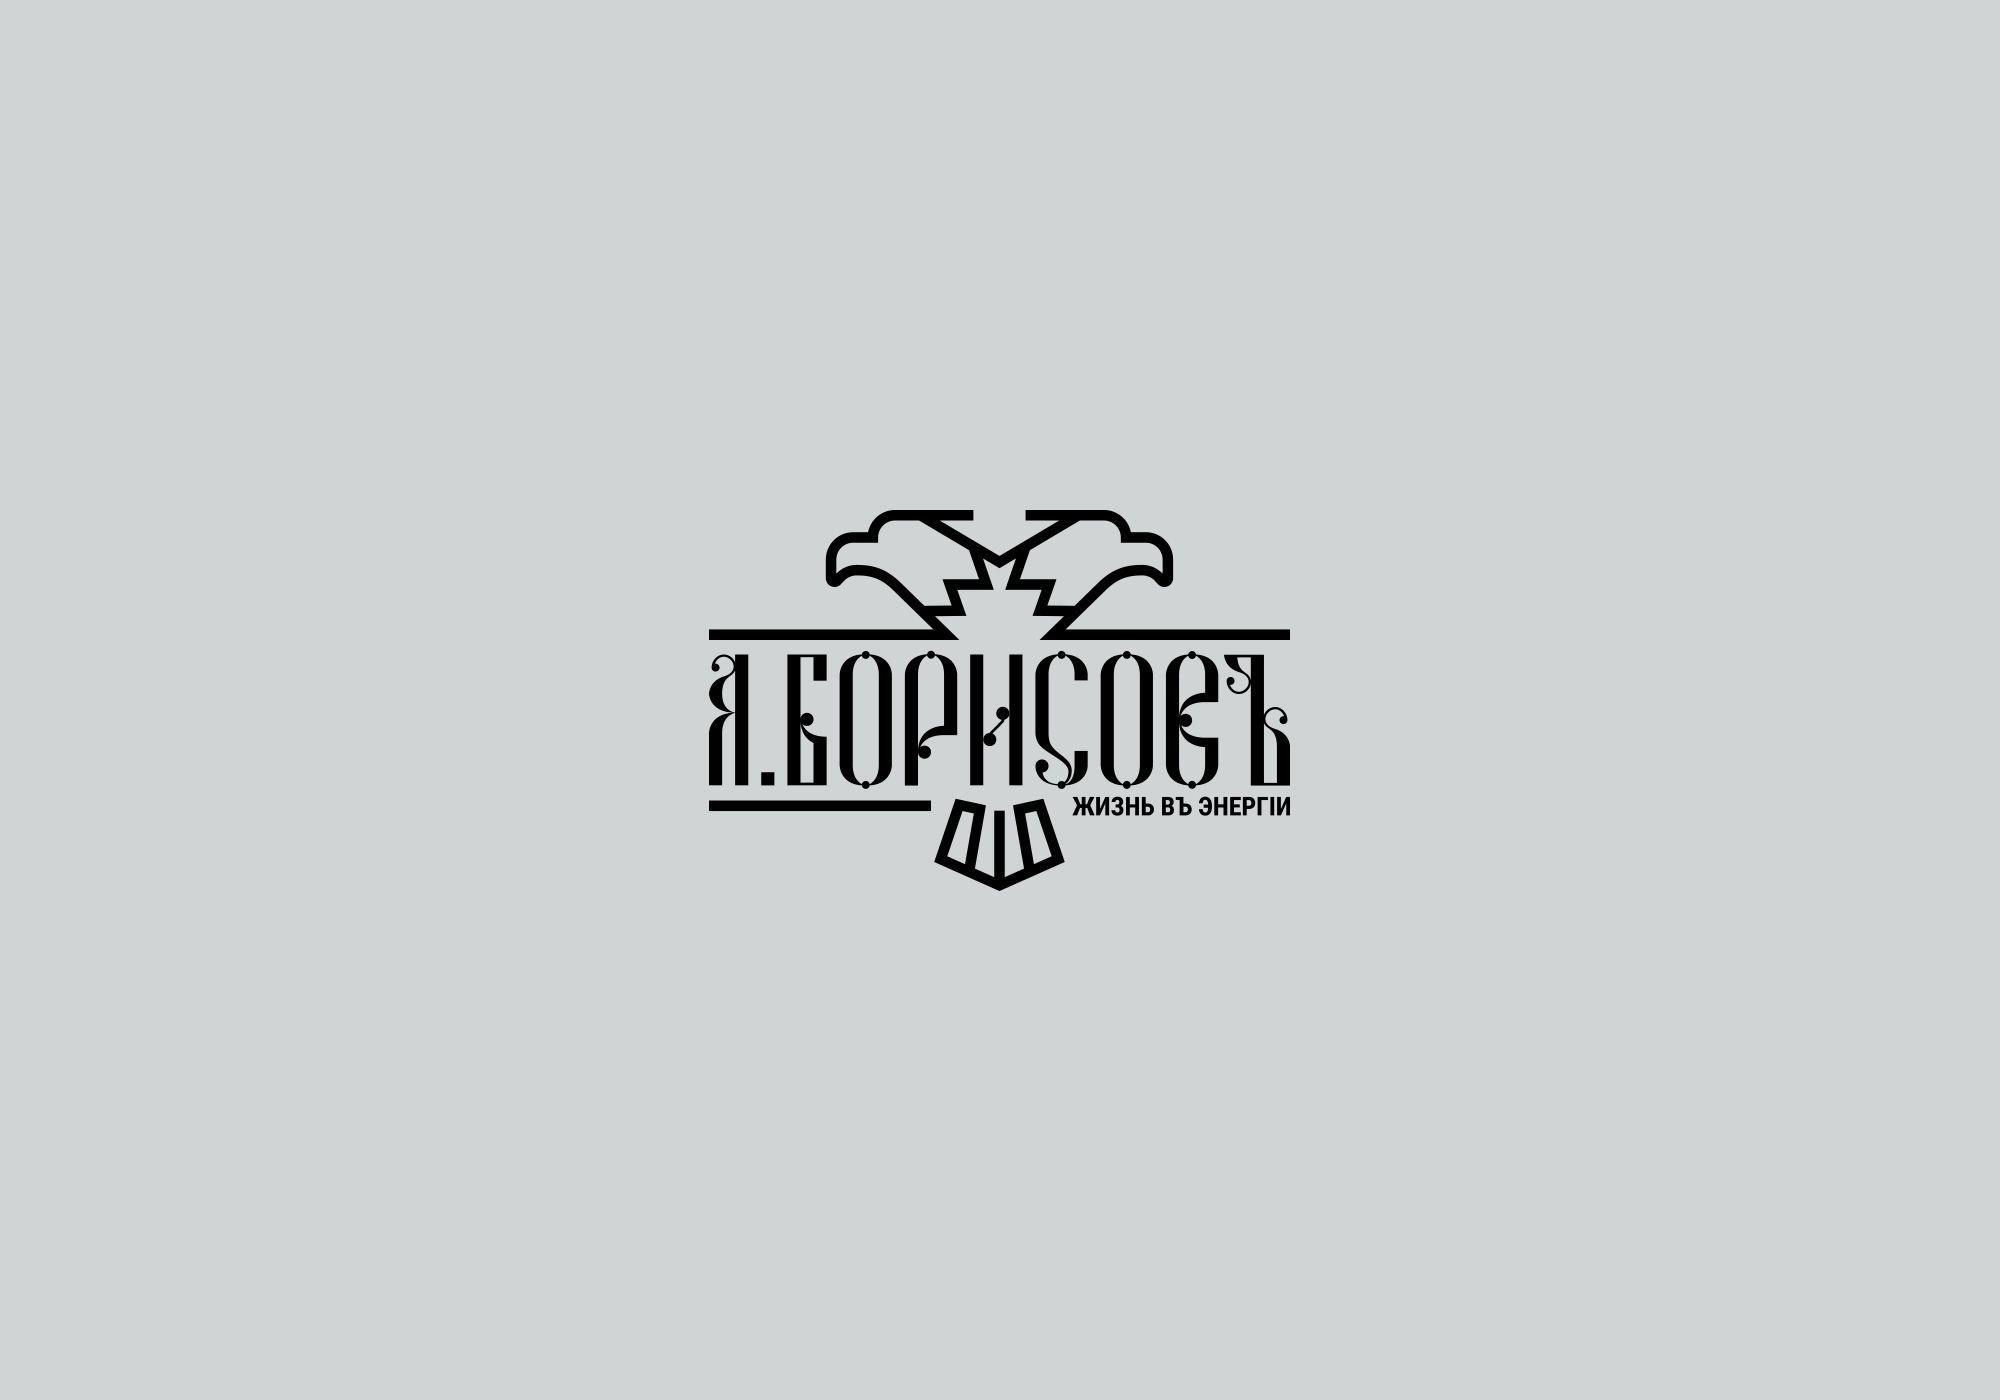 Логотип для А.БОРИСОВЪ - дизайнер Ninpo